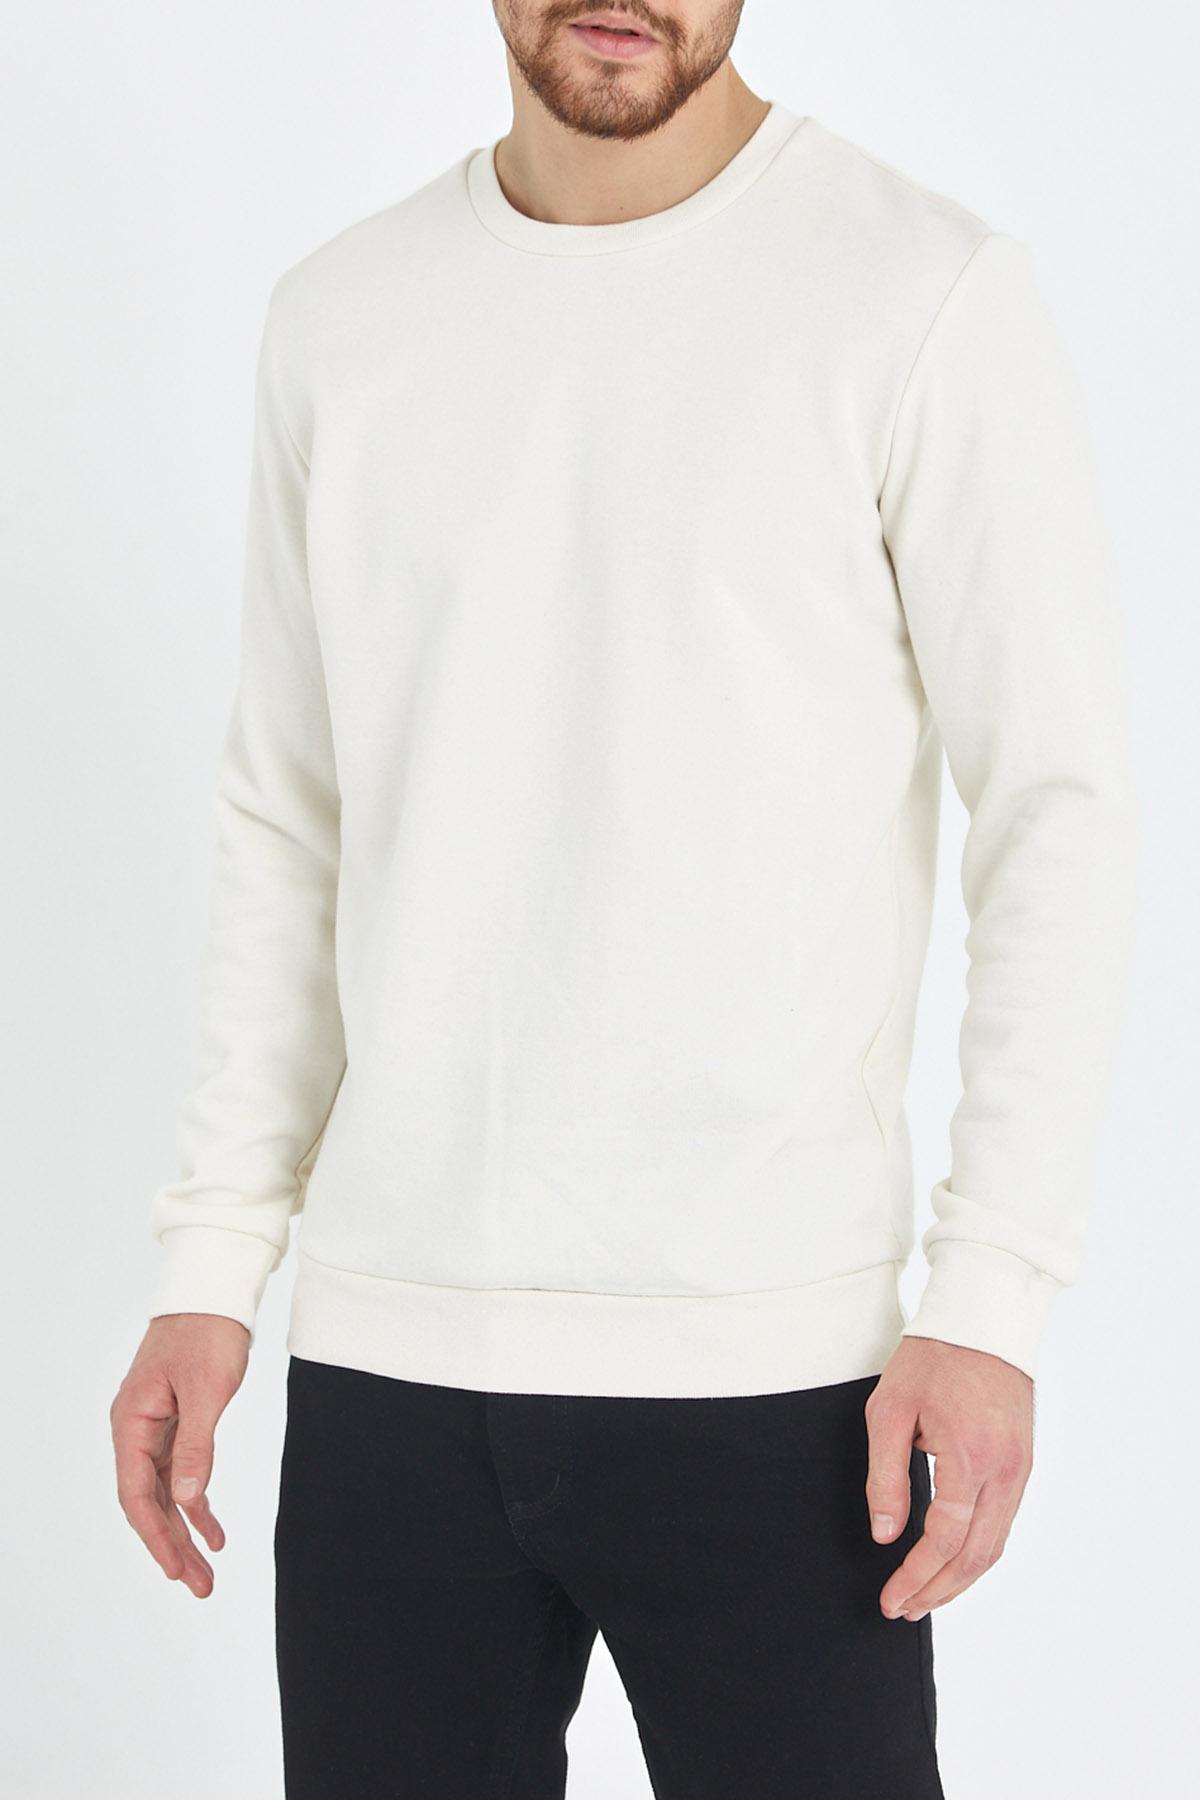 XHAN - Beyaz Yumuşak Dokulu Basic Bisiklet Yaka Sweatshirt 1KXE8-44487-01